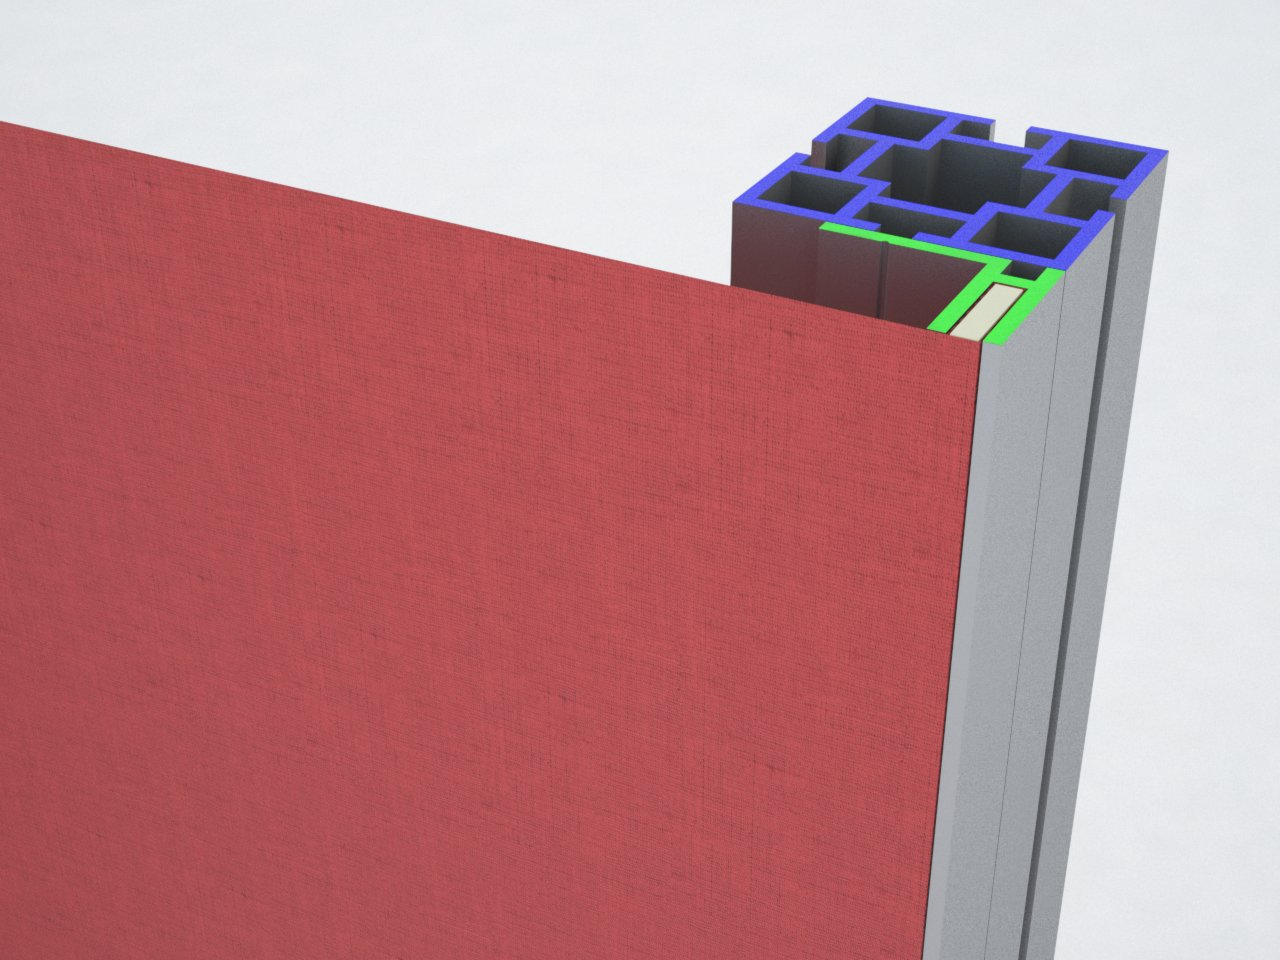 Estrutura de alumínio com perfis M2040 e H140 para esticar tecido ou lona em stands para feiras, divisórias, painéis, etc.